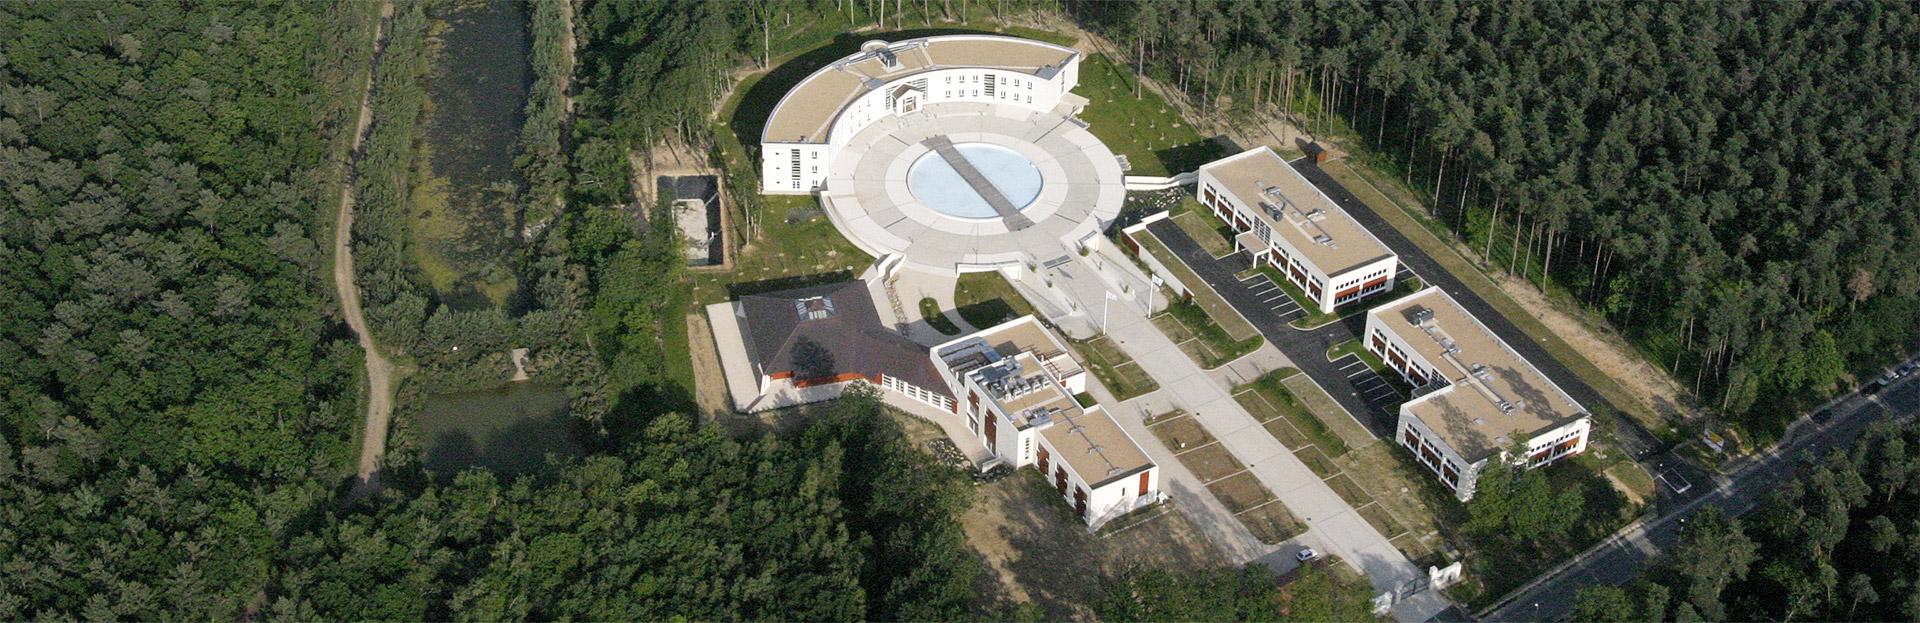 Capture aérienne des locaux du groupe Monceau